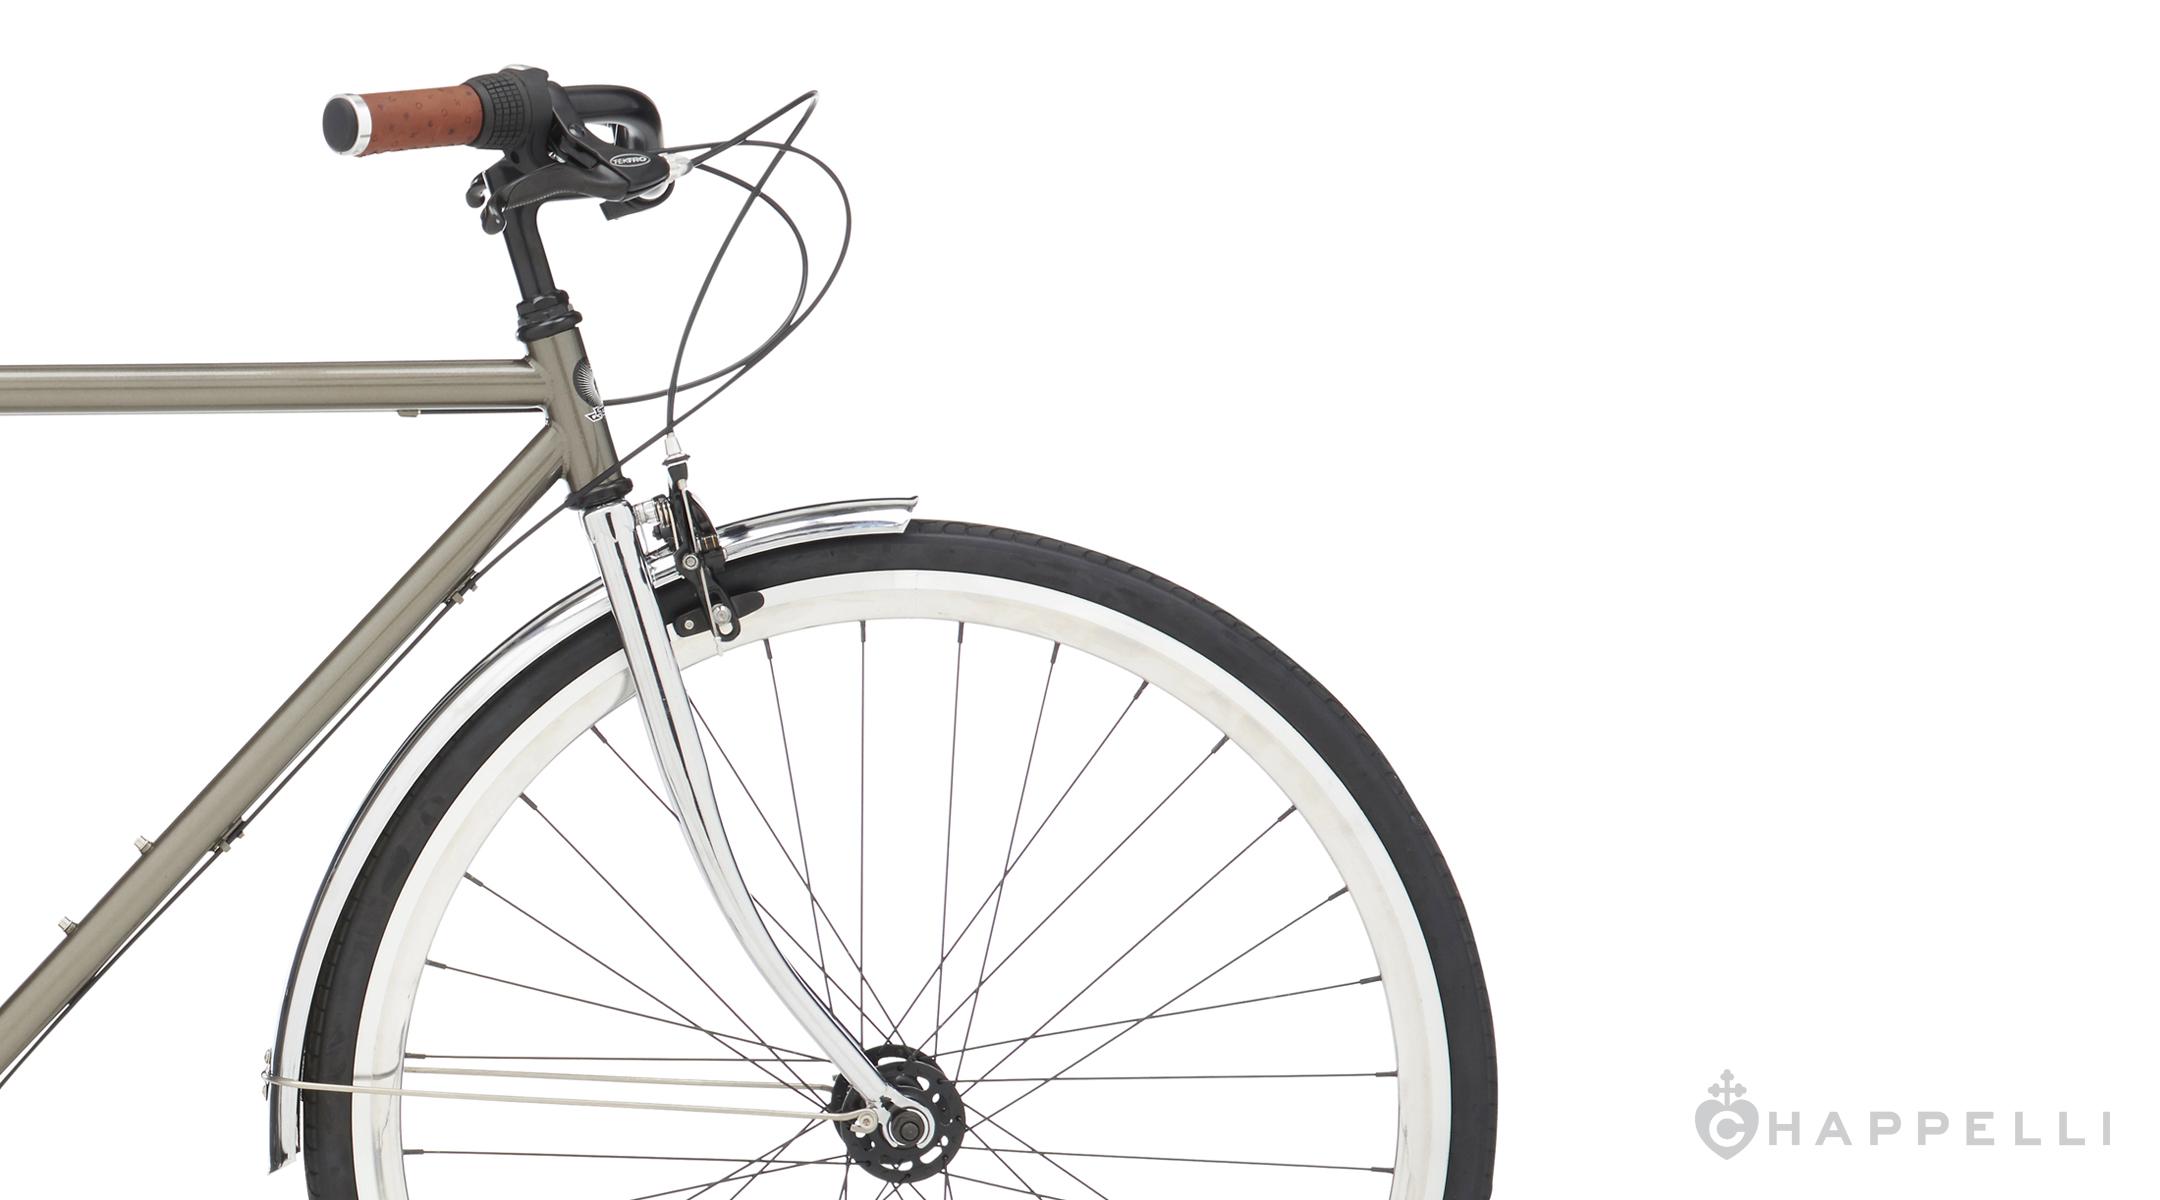 Gagnez un vélo avec Chappelli Cycles & Le Vélo Urbain